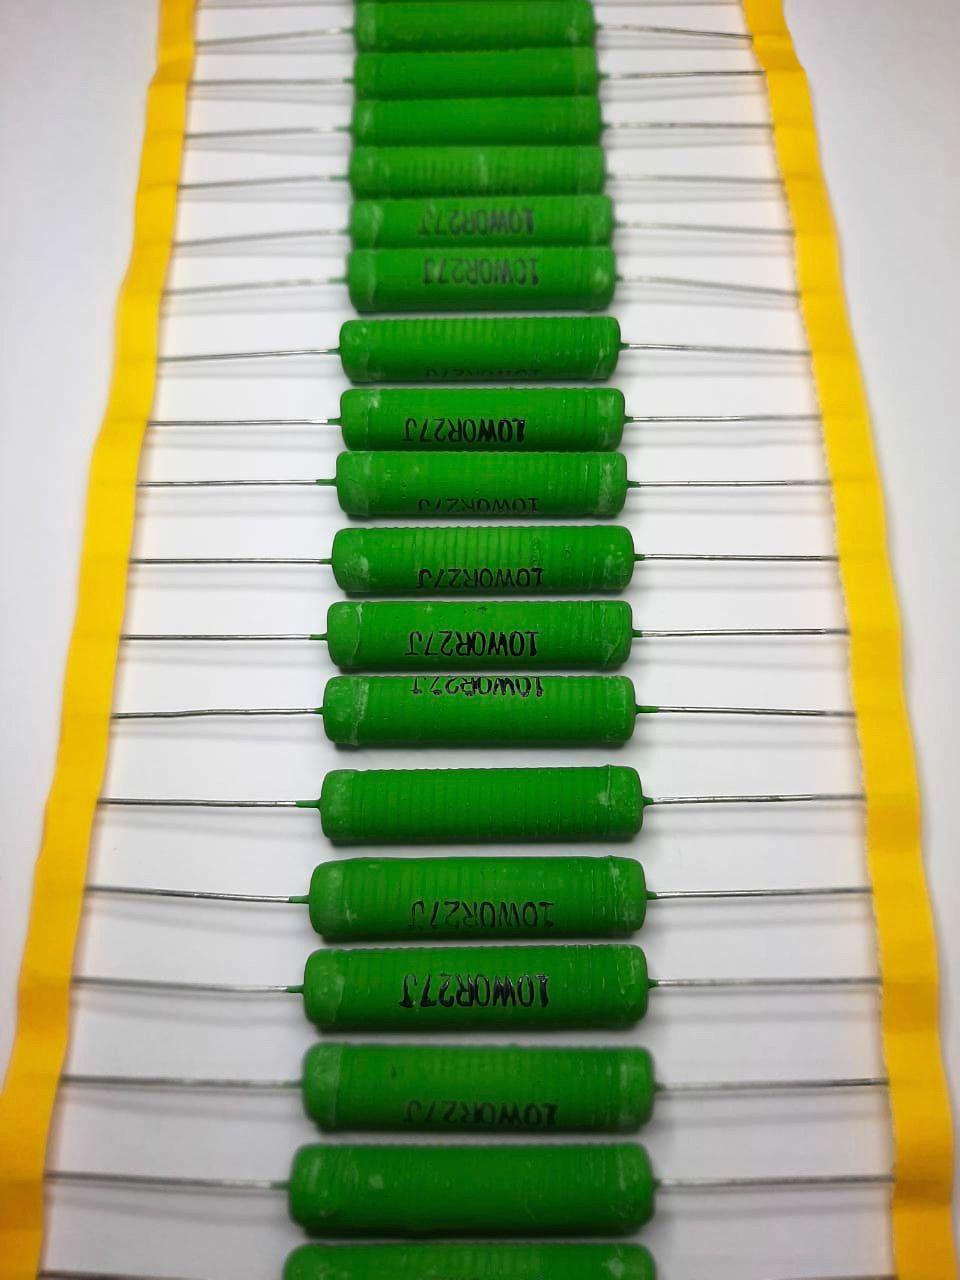 Resistores de Fio 10WS 5% Valores 1K0 Até 27K Caixa com 300 Peças